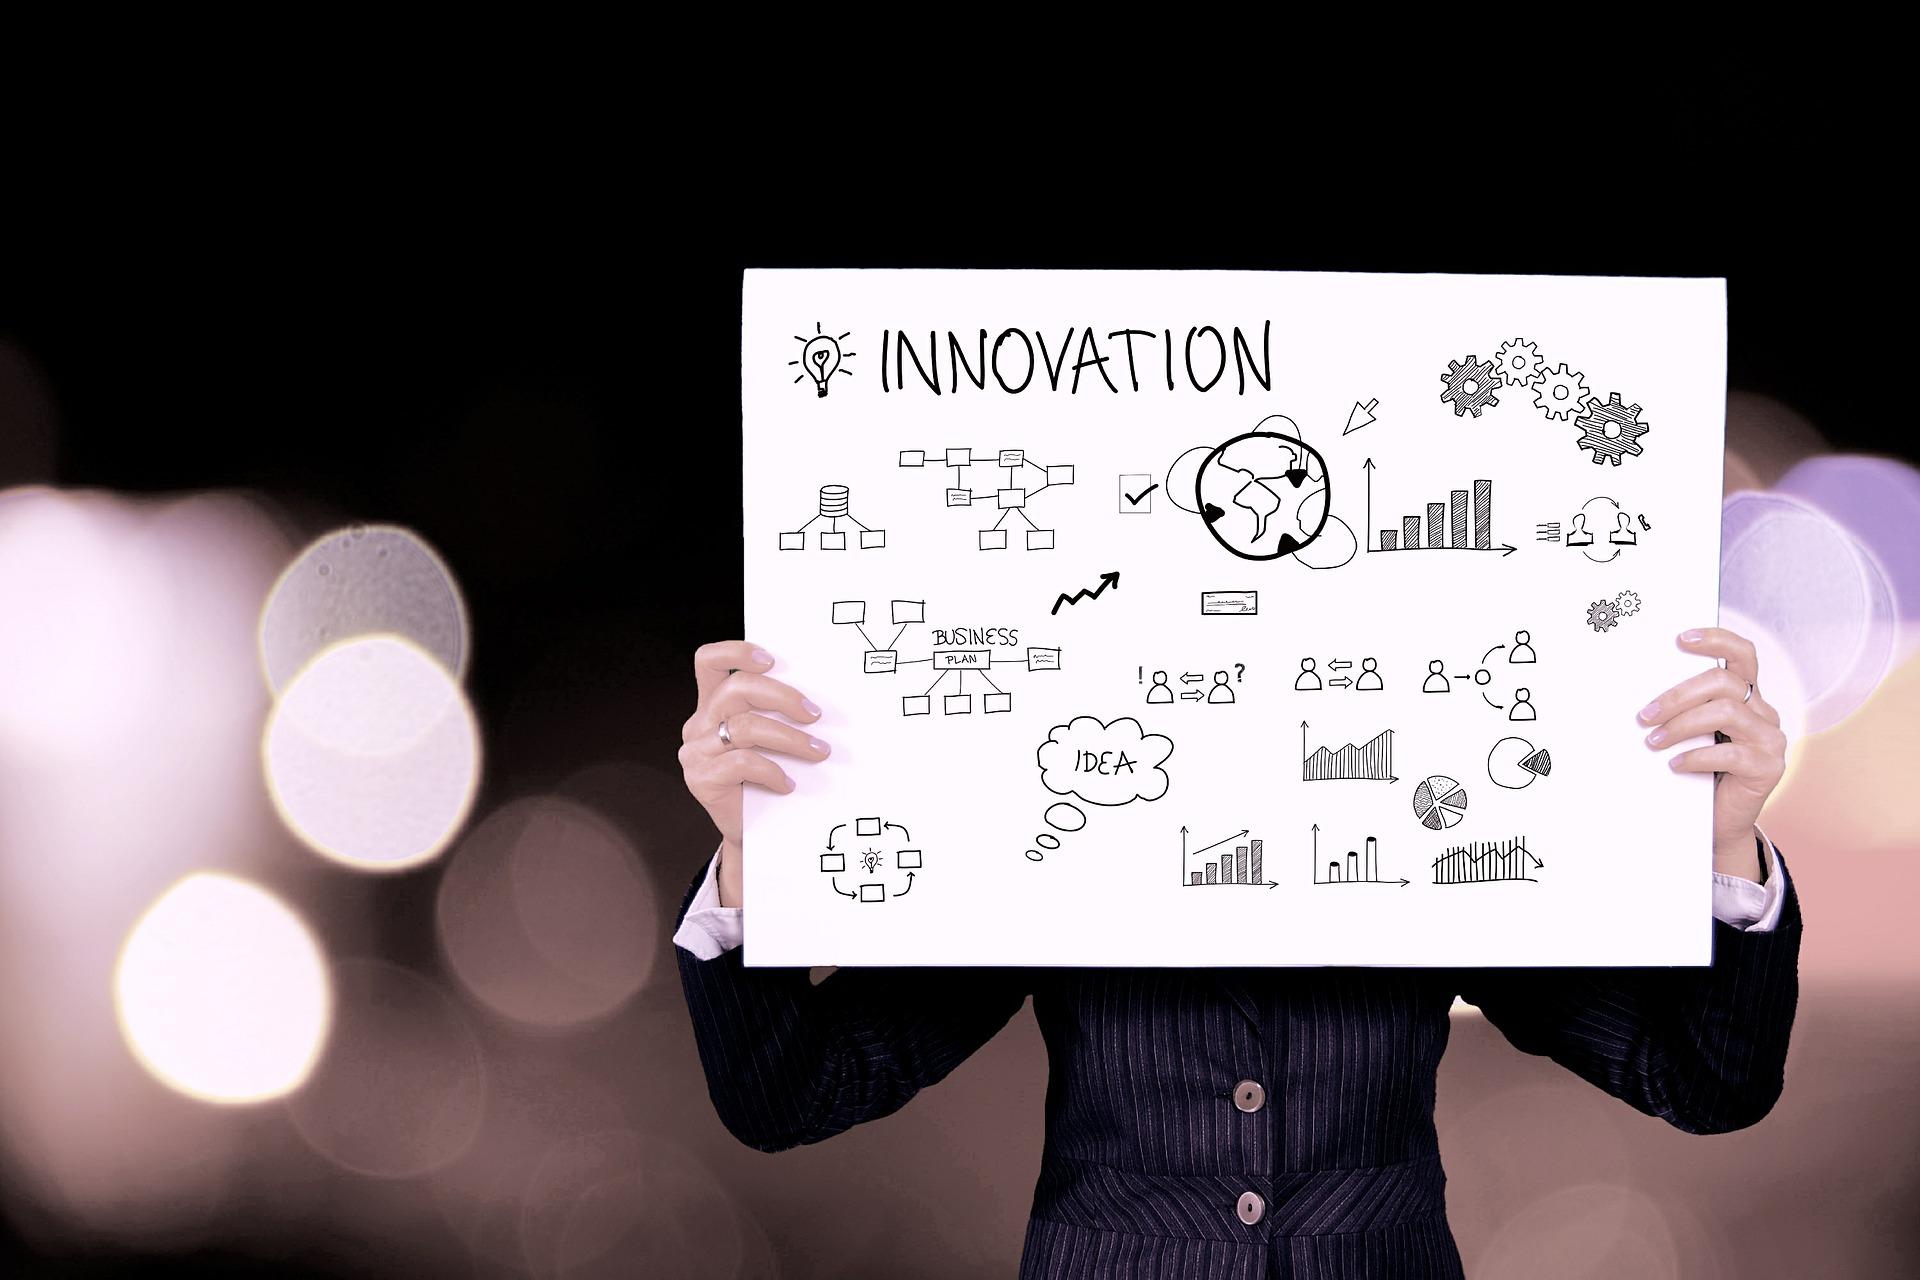 5 elementos para turbinar a Inovação nas empresas